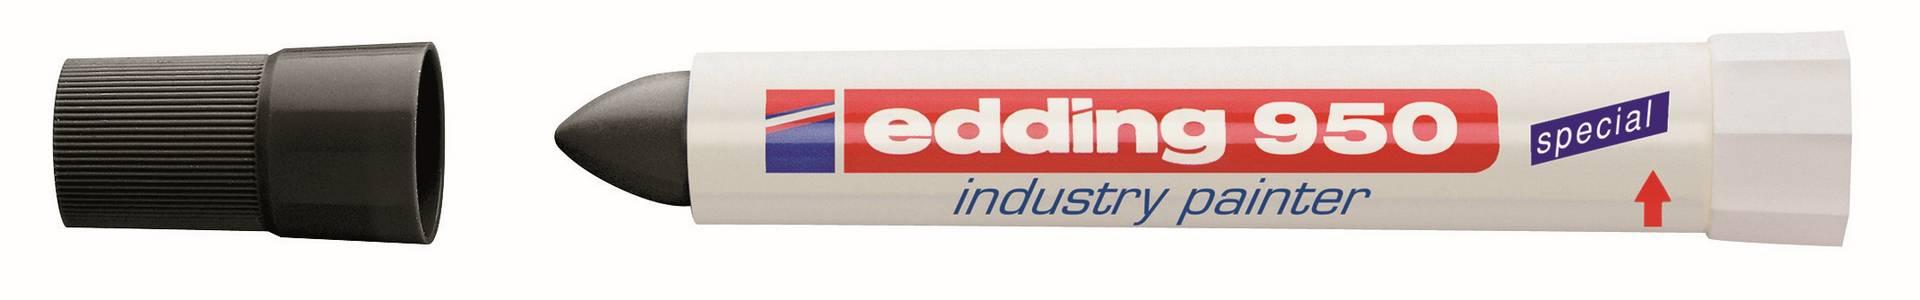 edding 950 průmyslový pastový popisovač, hrot 10 mm